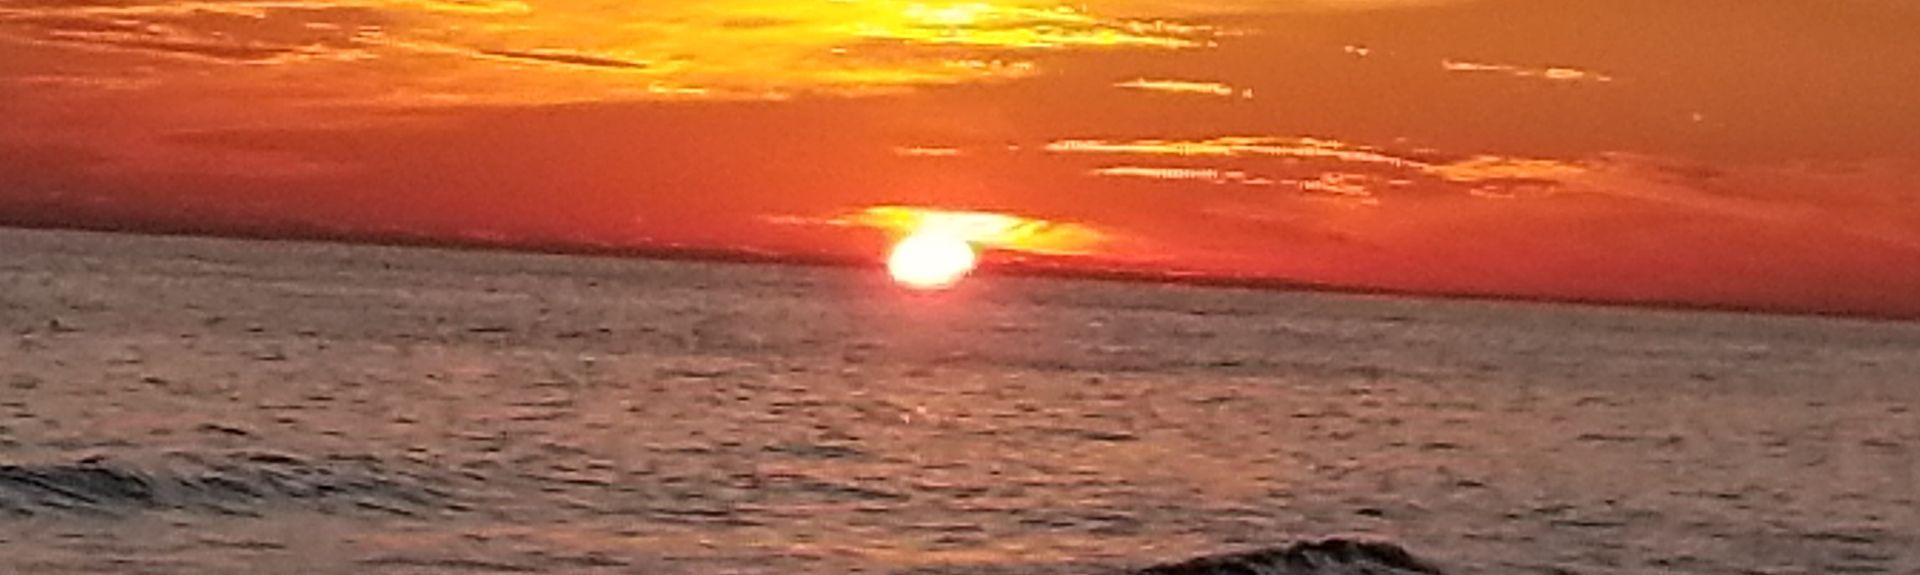 Clipper Cove, Destin, Florida, USA